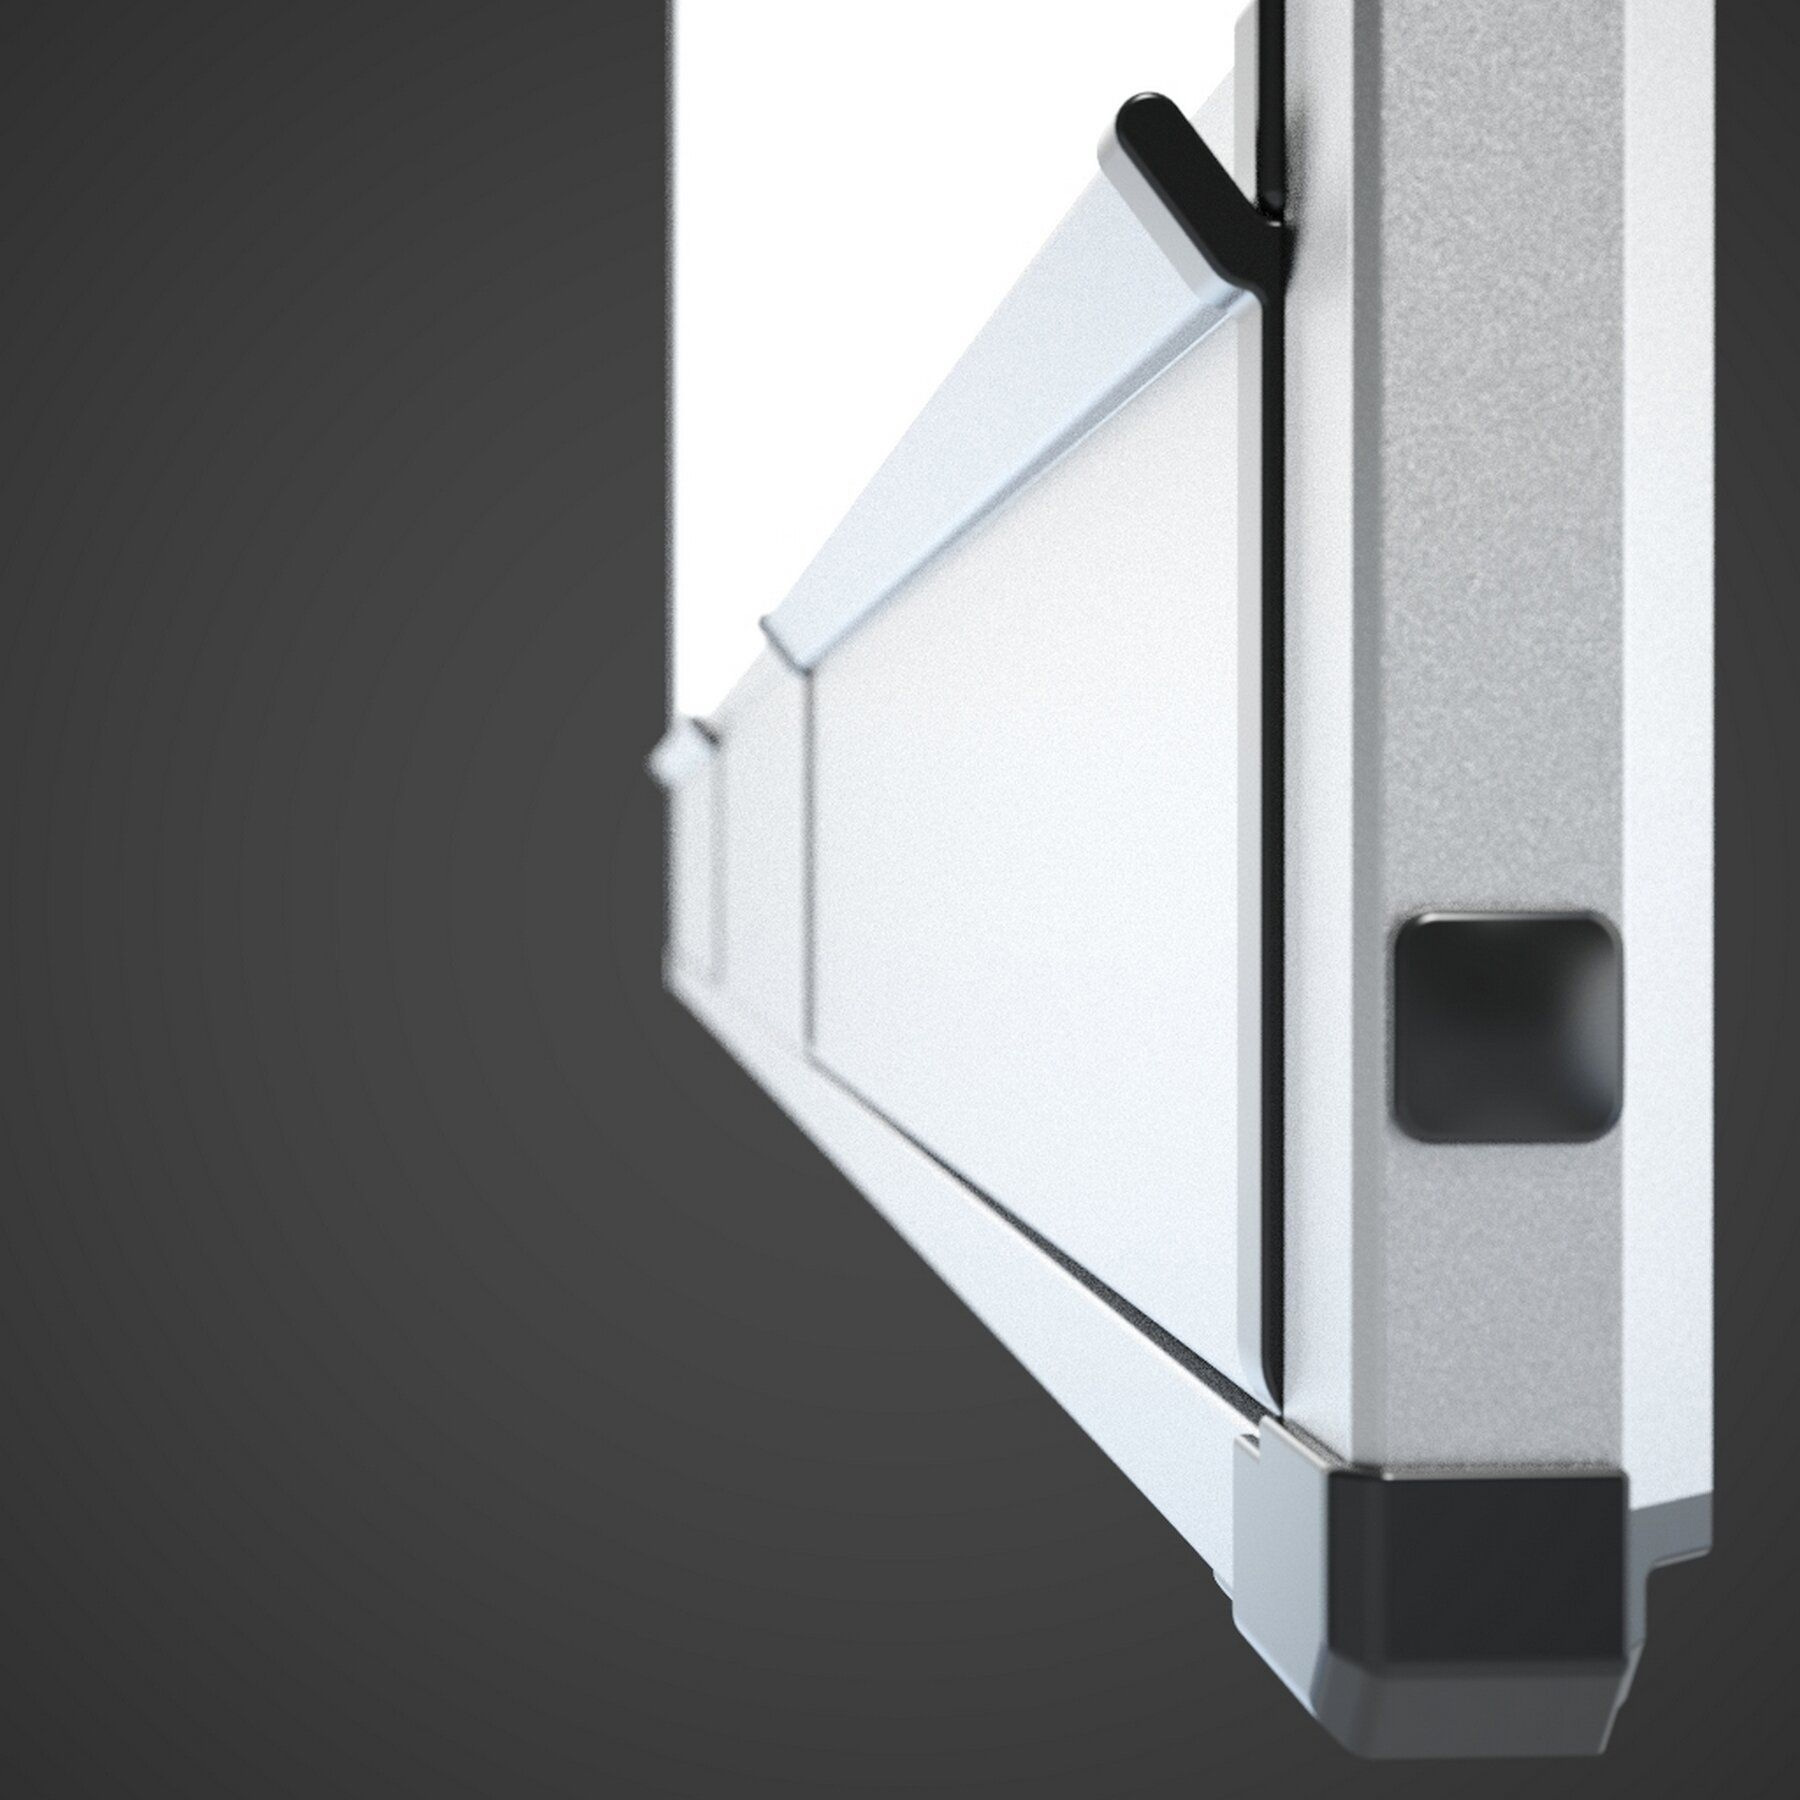 Доска белая магнитная сухостираемая StarBoard 90*120см., алюминиевая рамка, лак 2x3 - фото 8